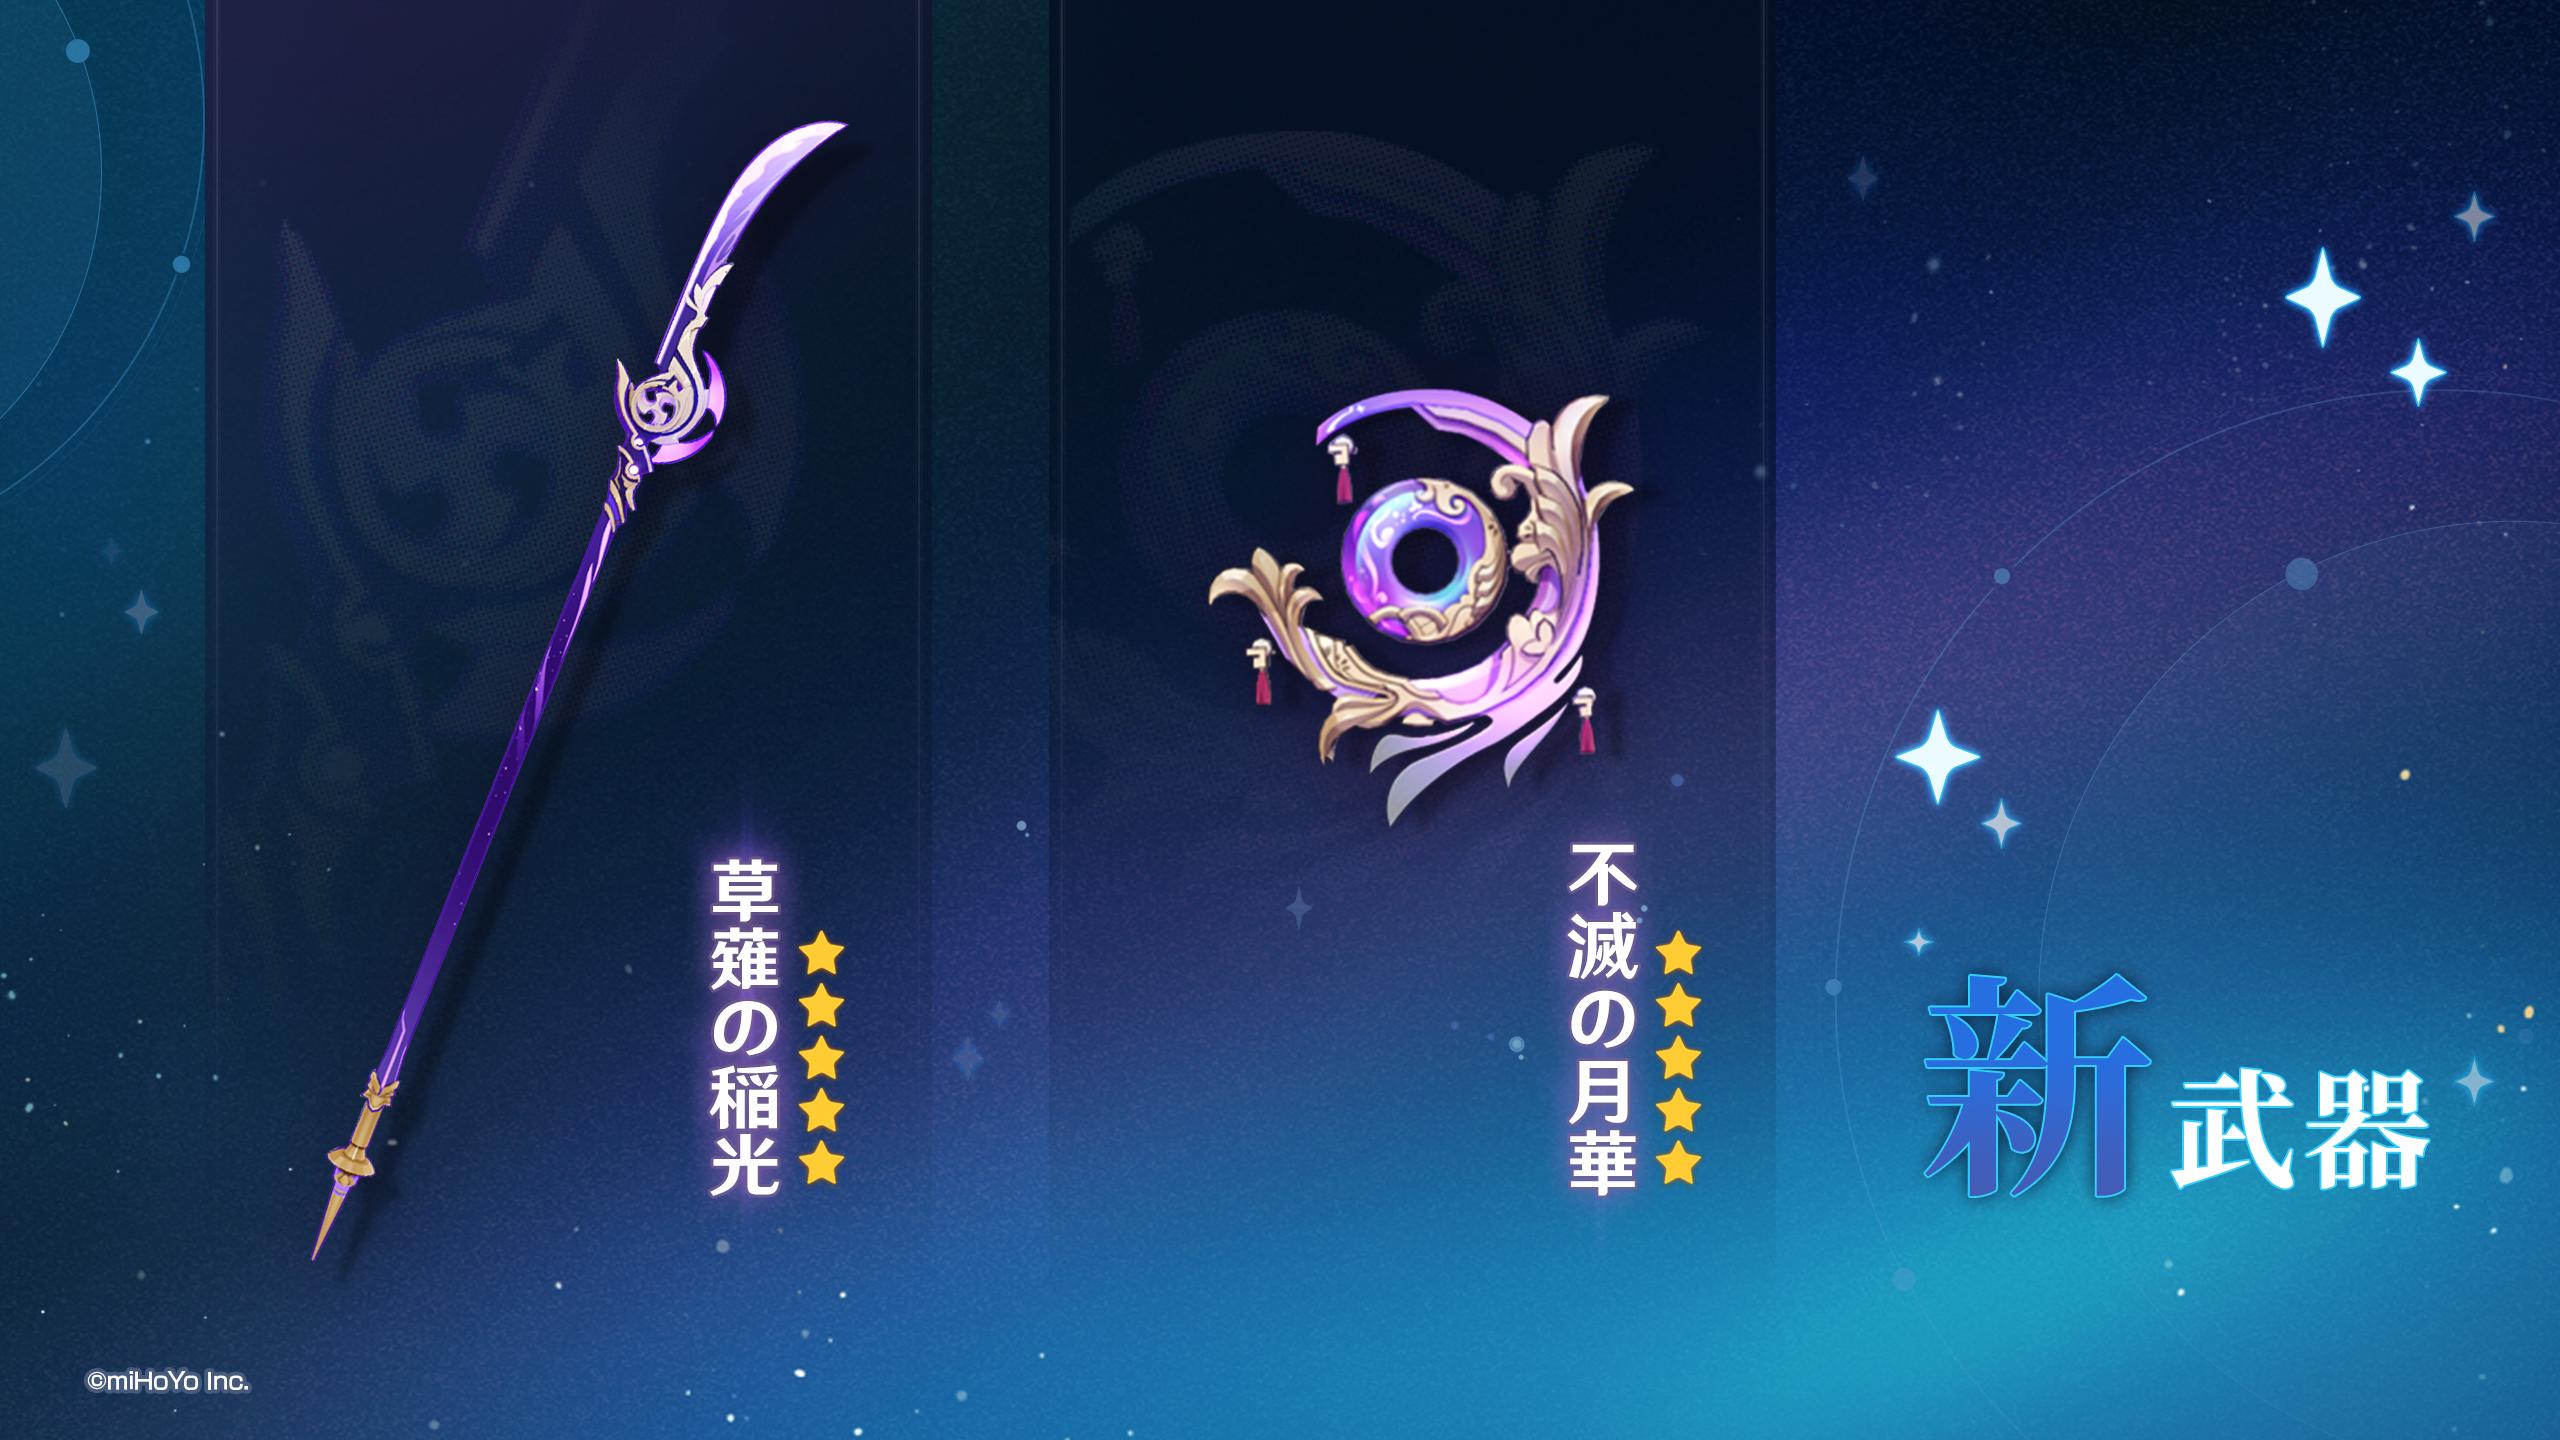 【原神】ver2.1《稲妻》新ピックアップ武器!